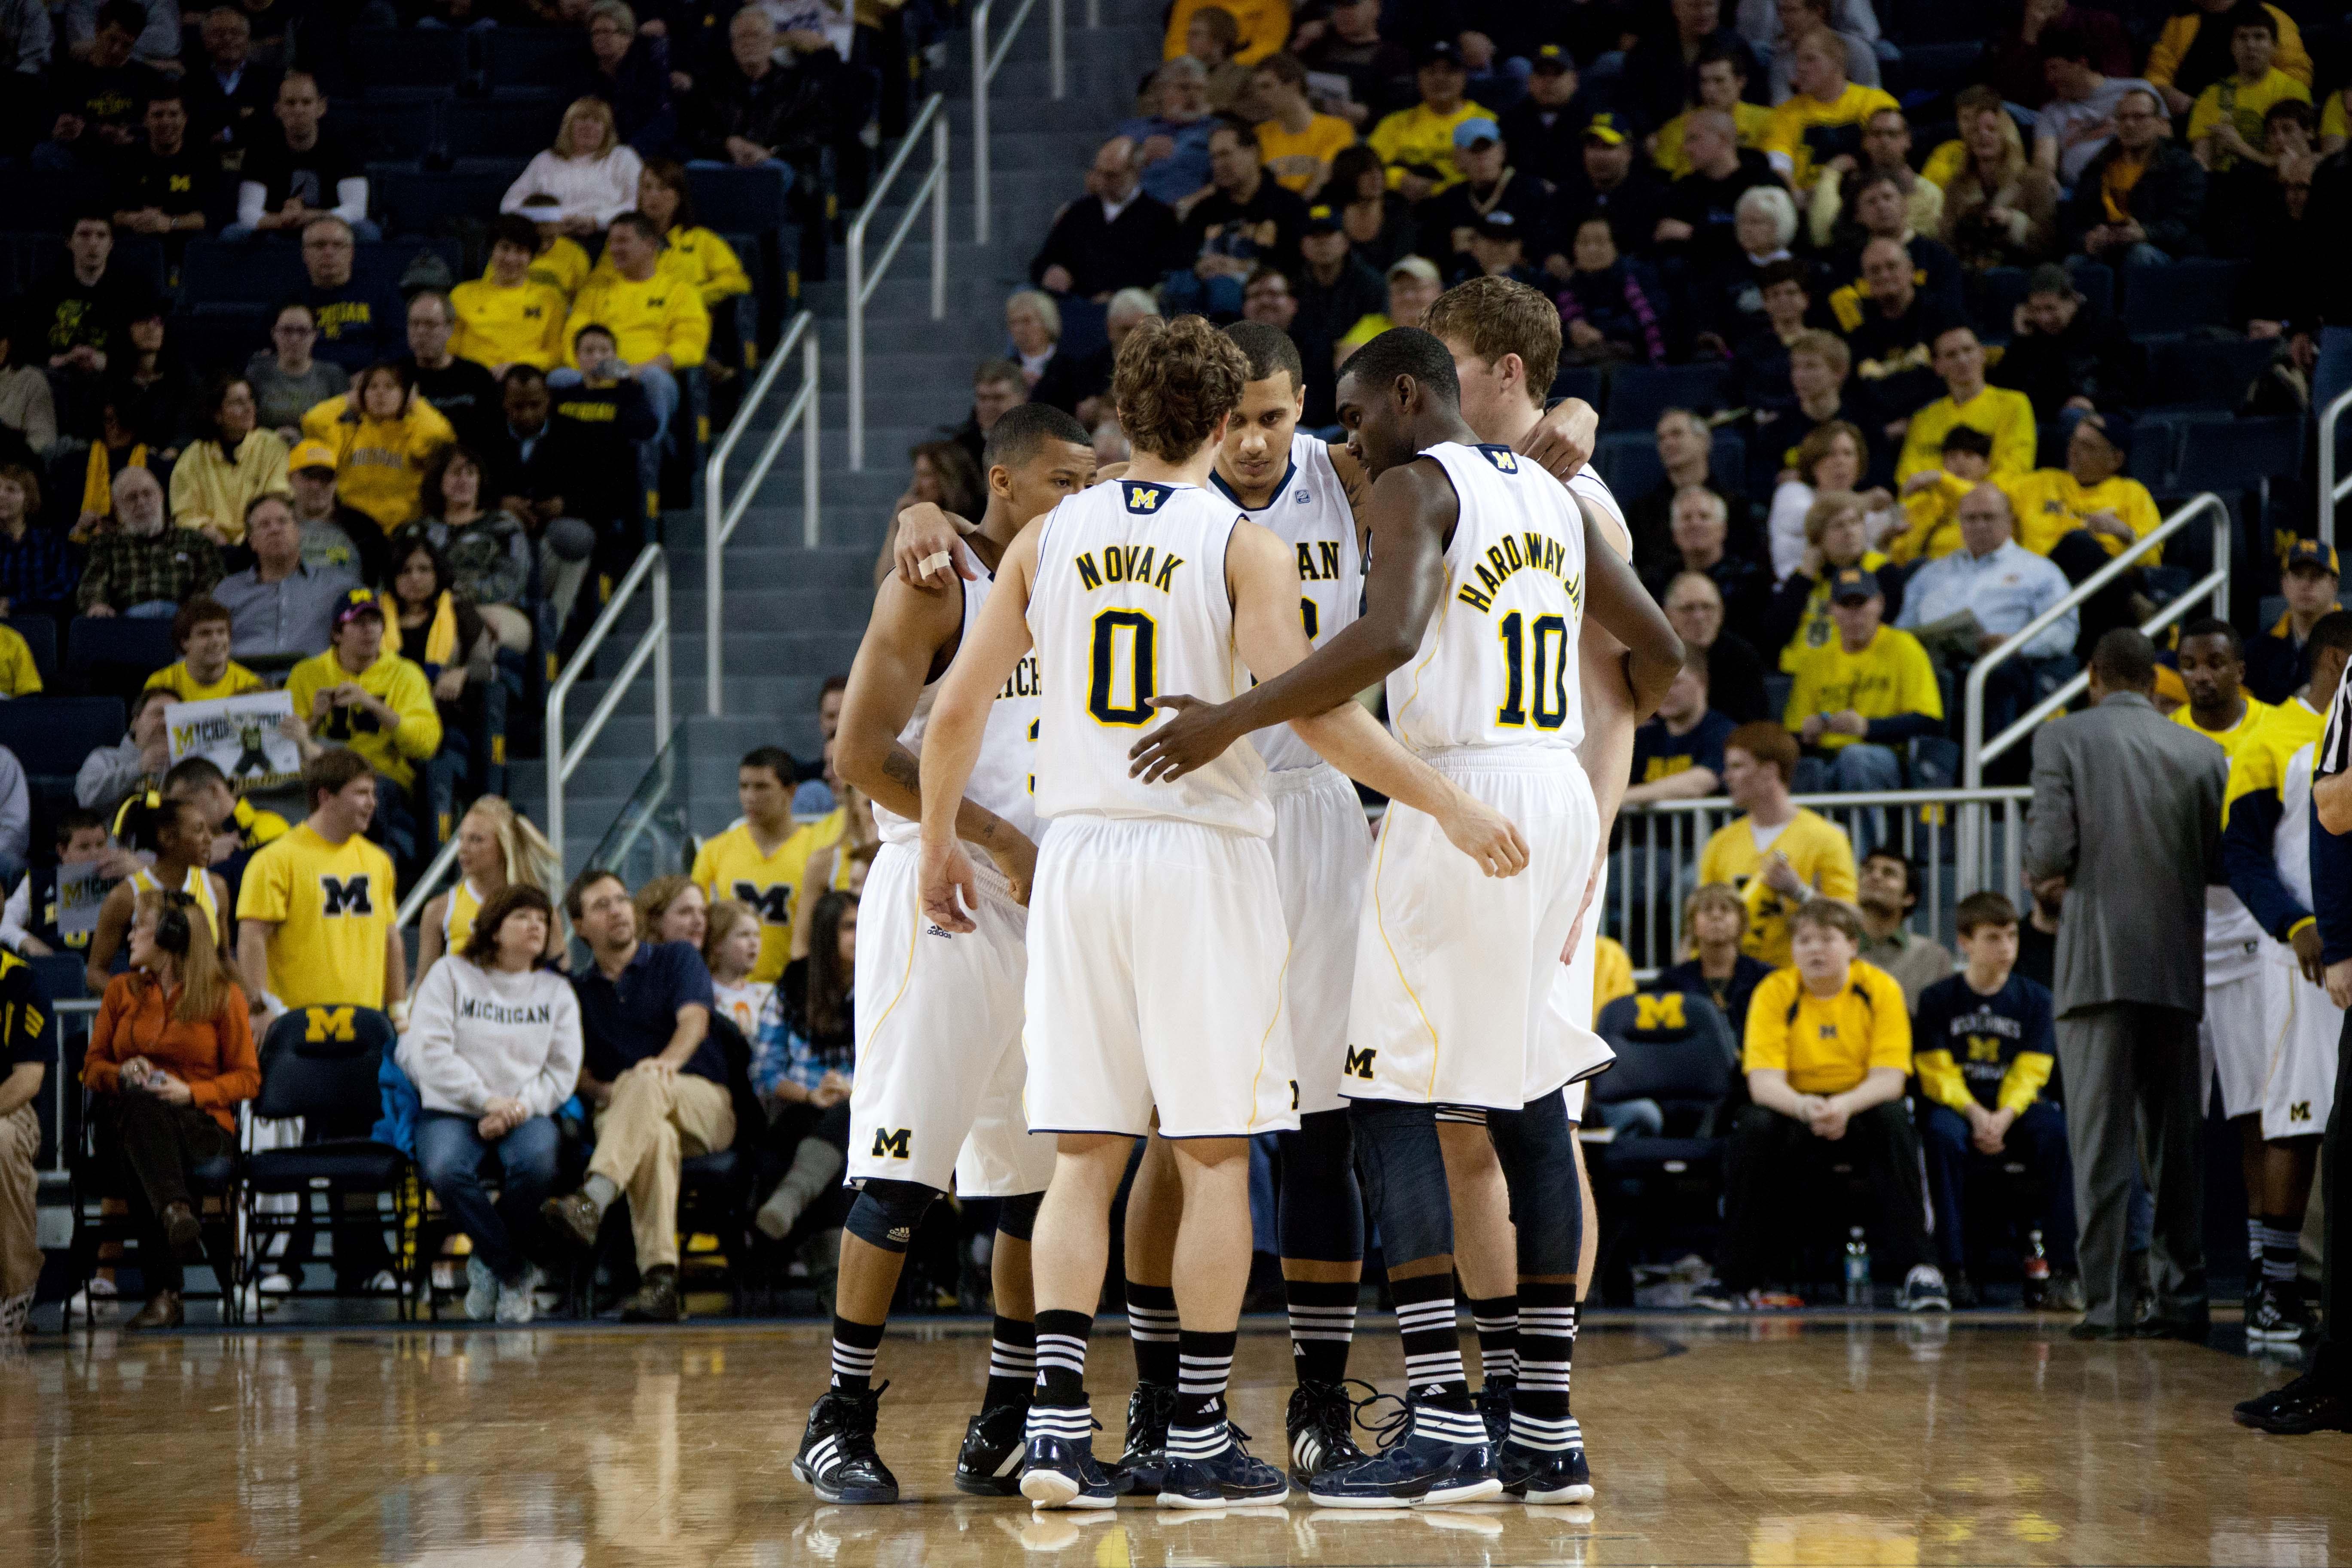 Penn State at Michigan 2